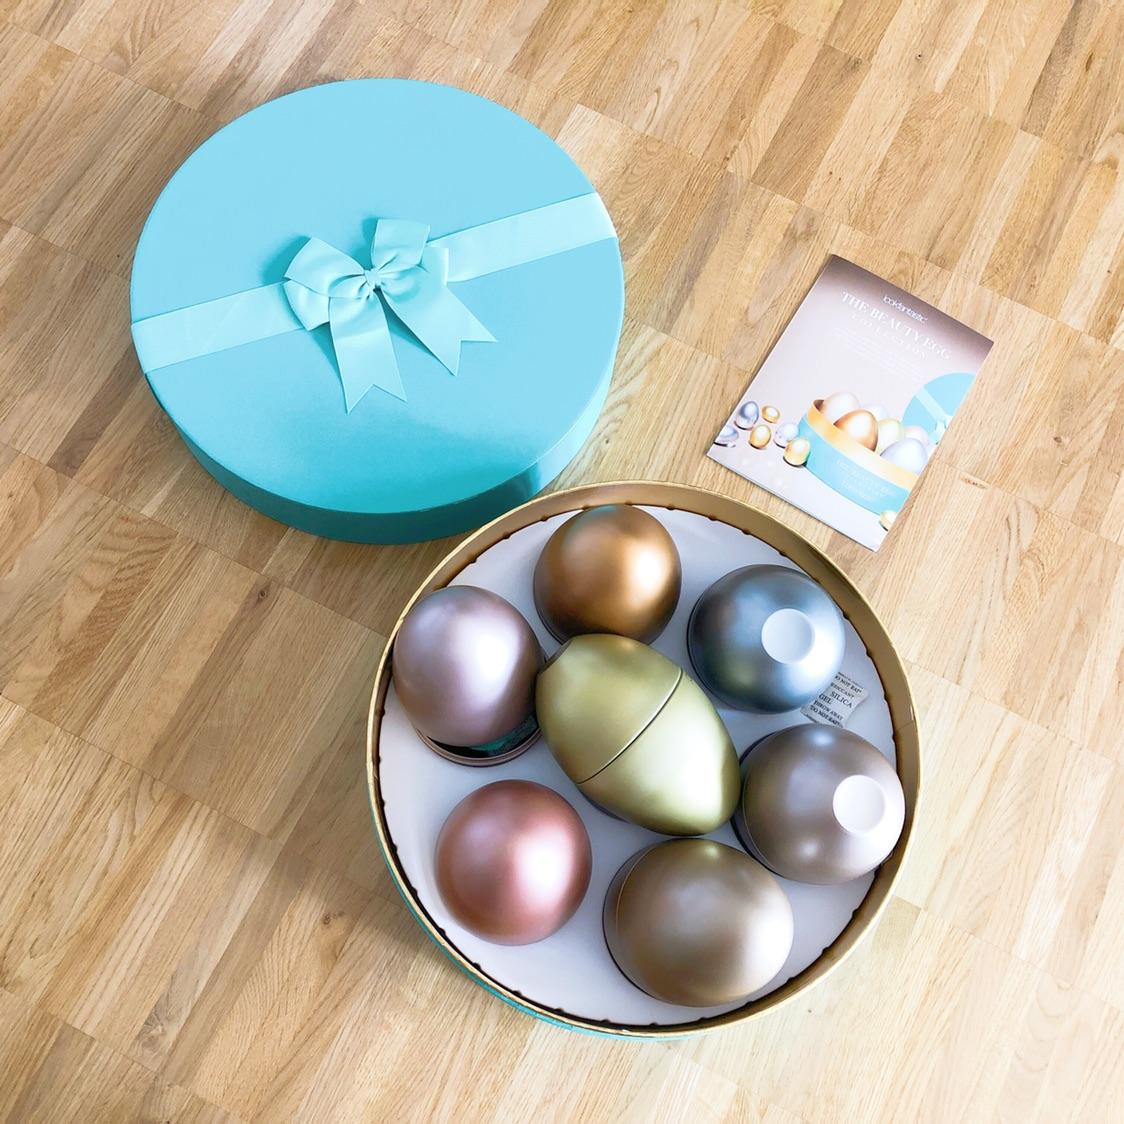 超级可爱的复活节礼盒🎁来啦!